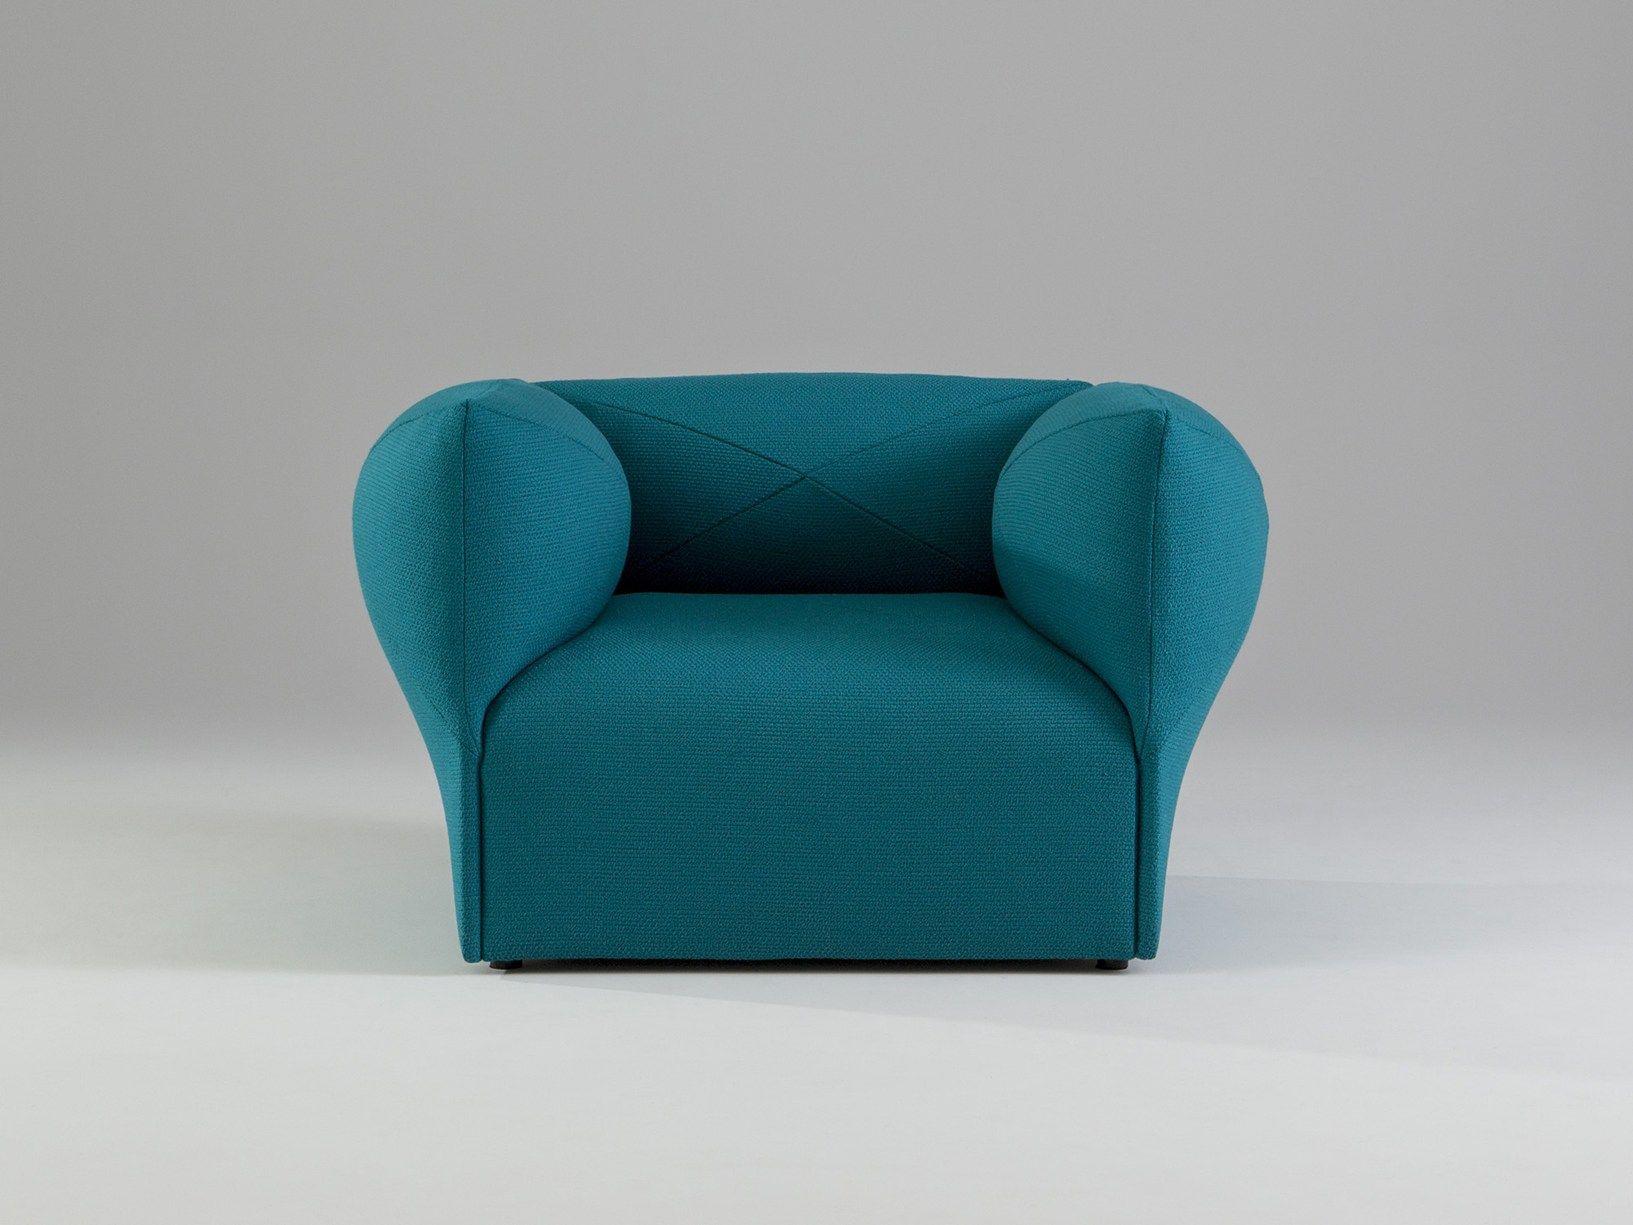 Scandinavian Design inspires Jonas Ihreborn